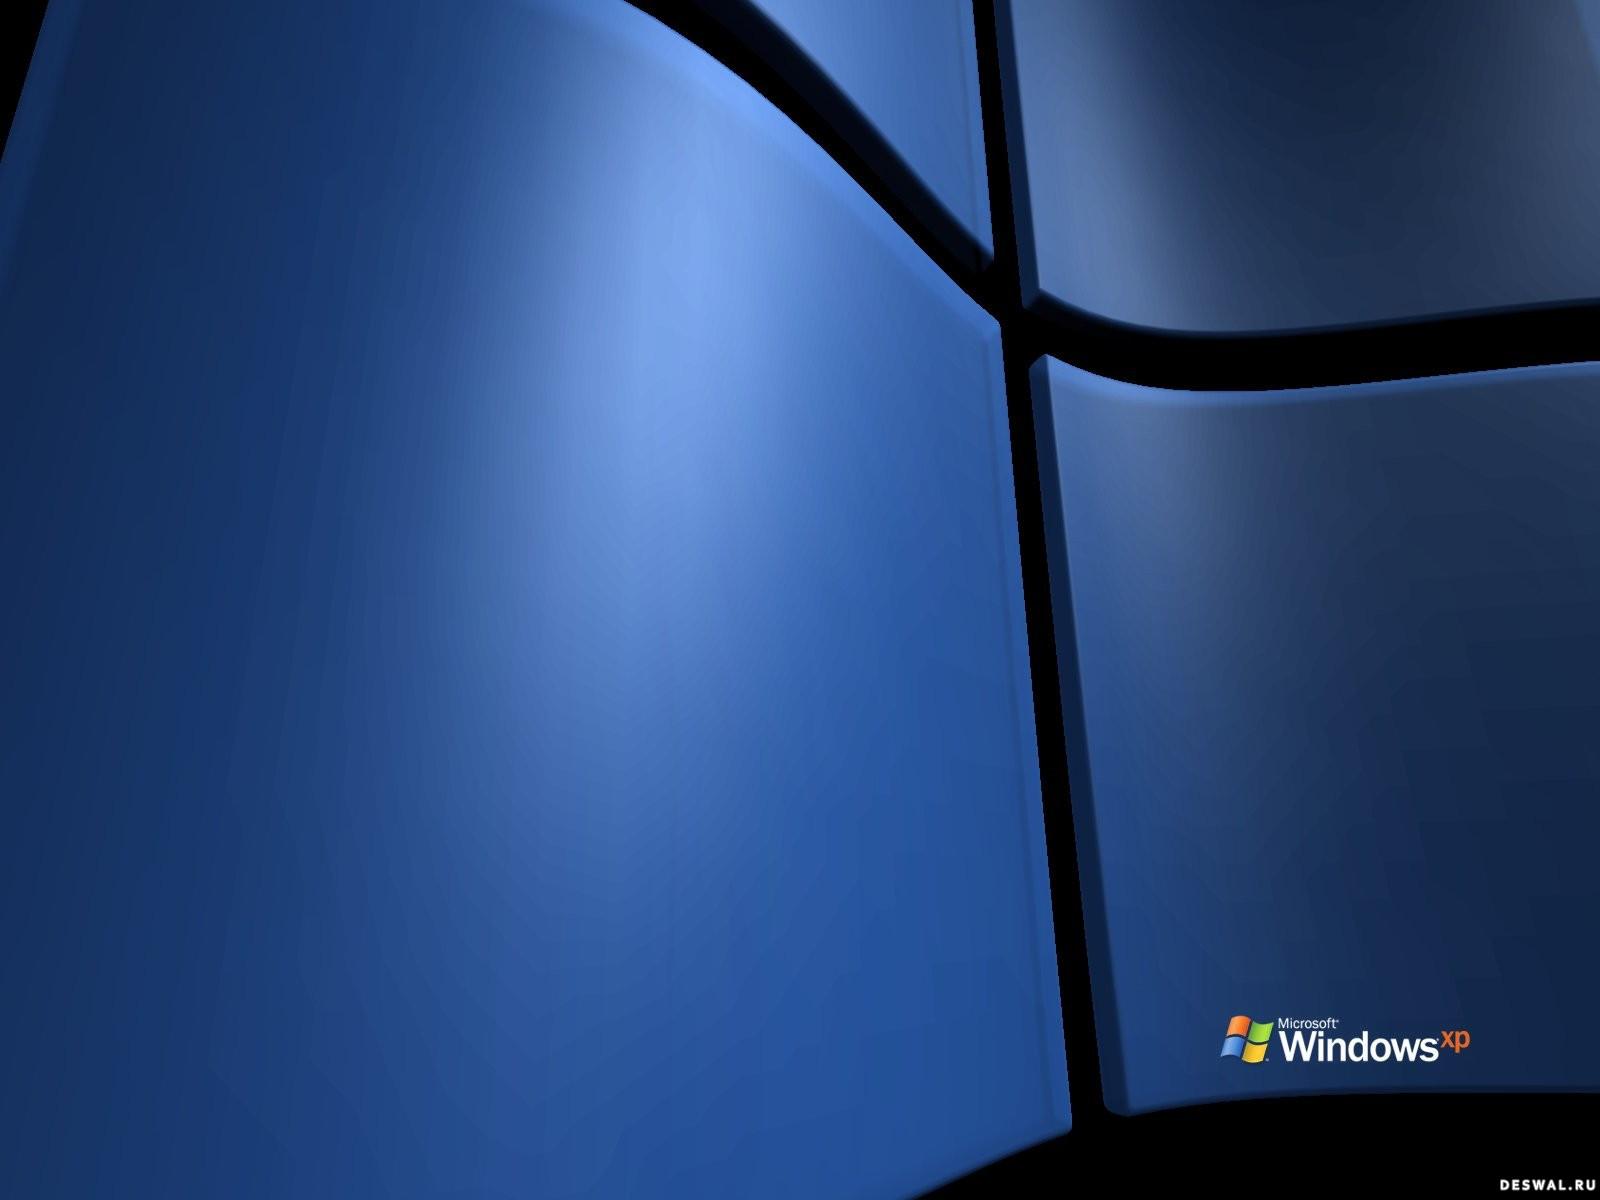 Эротические обои на рабочий стол для виндовс7 64бит 5 фотография